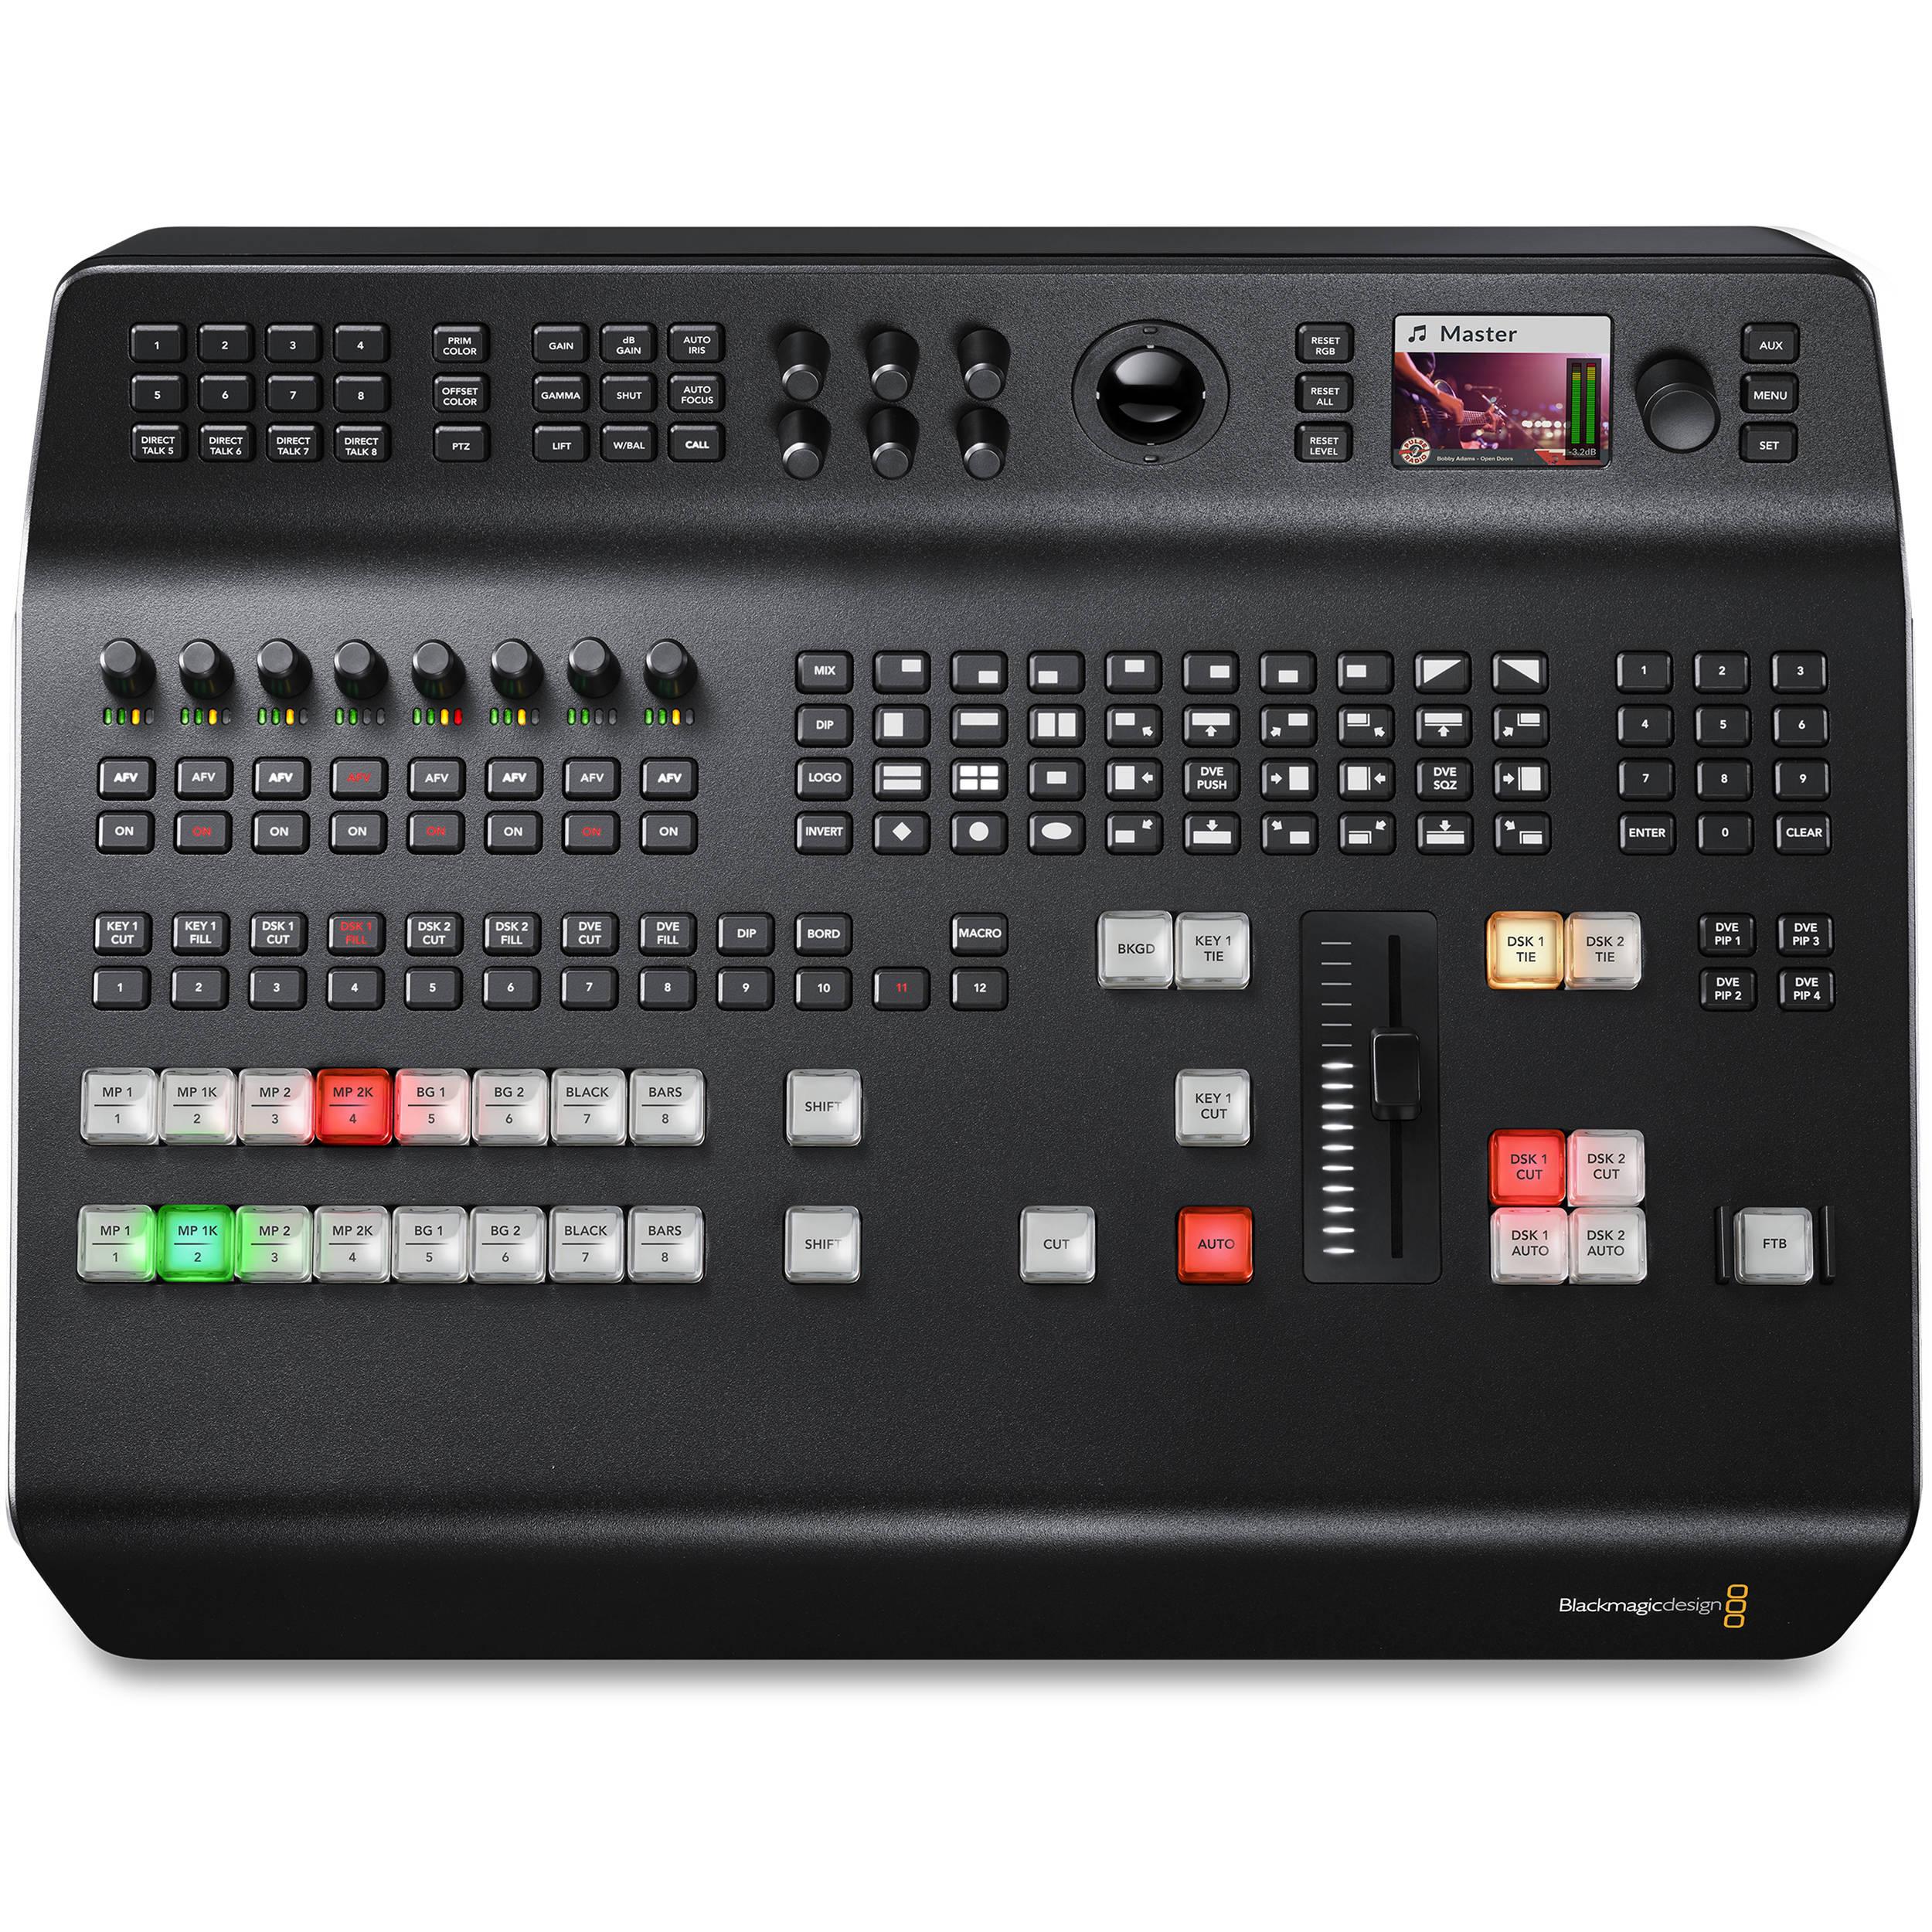 Blackmagic Design Atem Television Studio Production Switcher Price